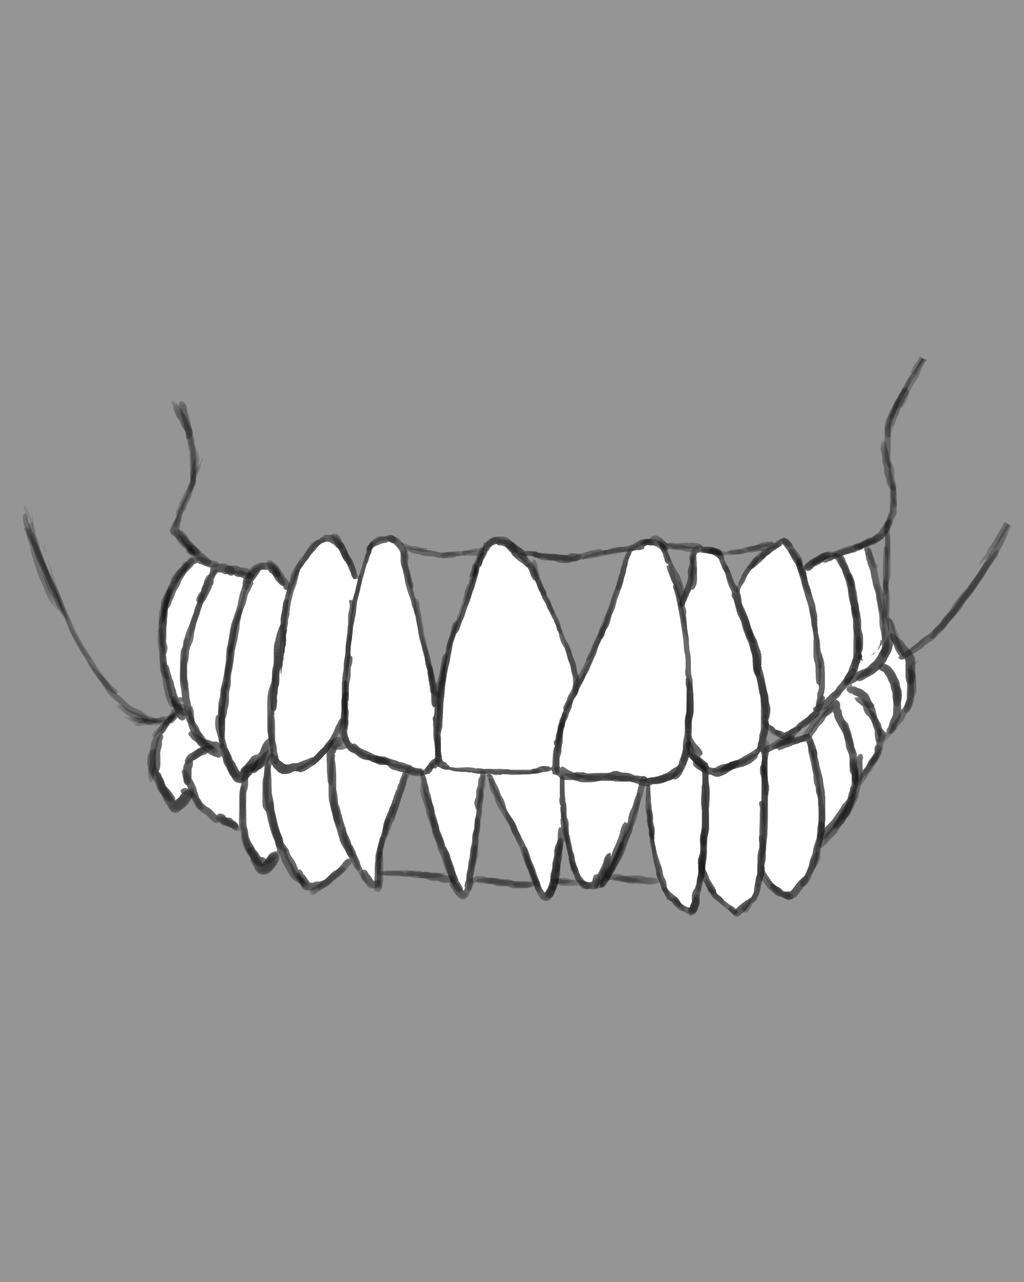 Skull Mouth Daily sketch #721 by GothicVampireFreak